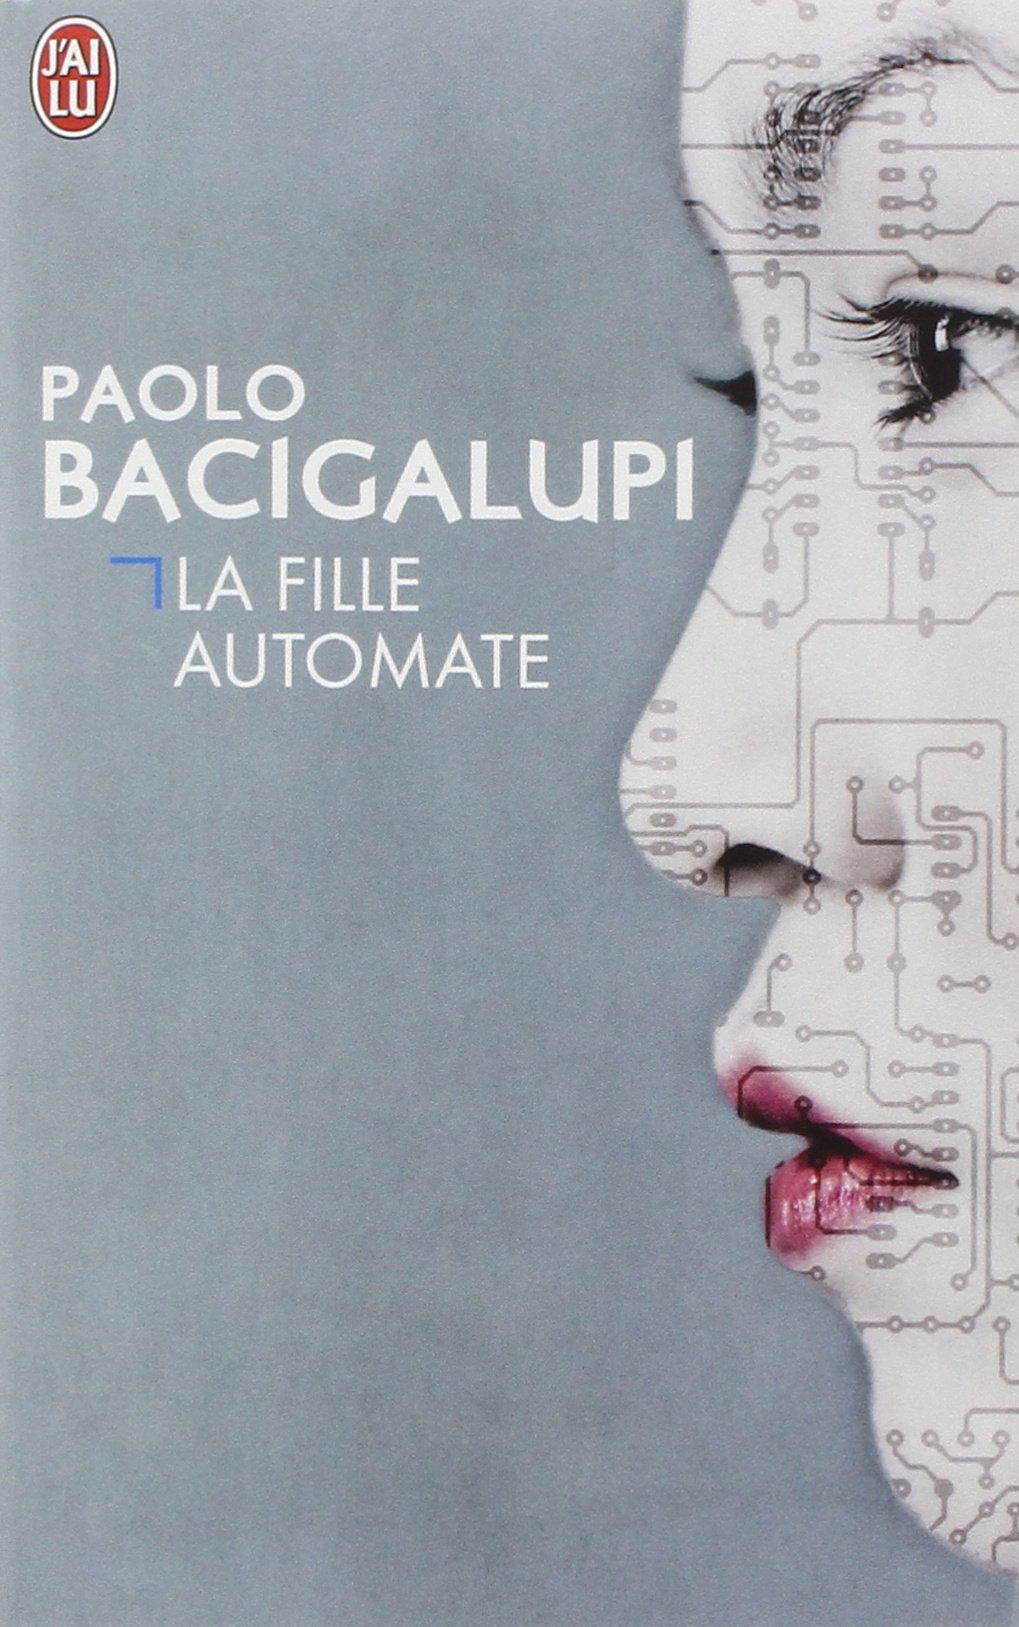 Paolo Bacigalupi - La fille automate